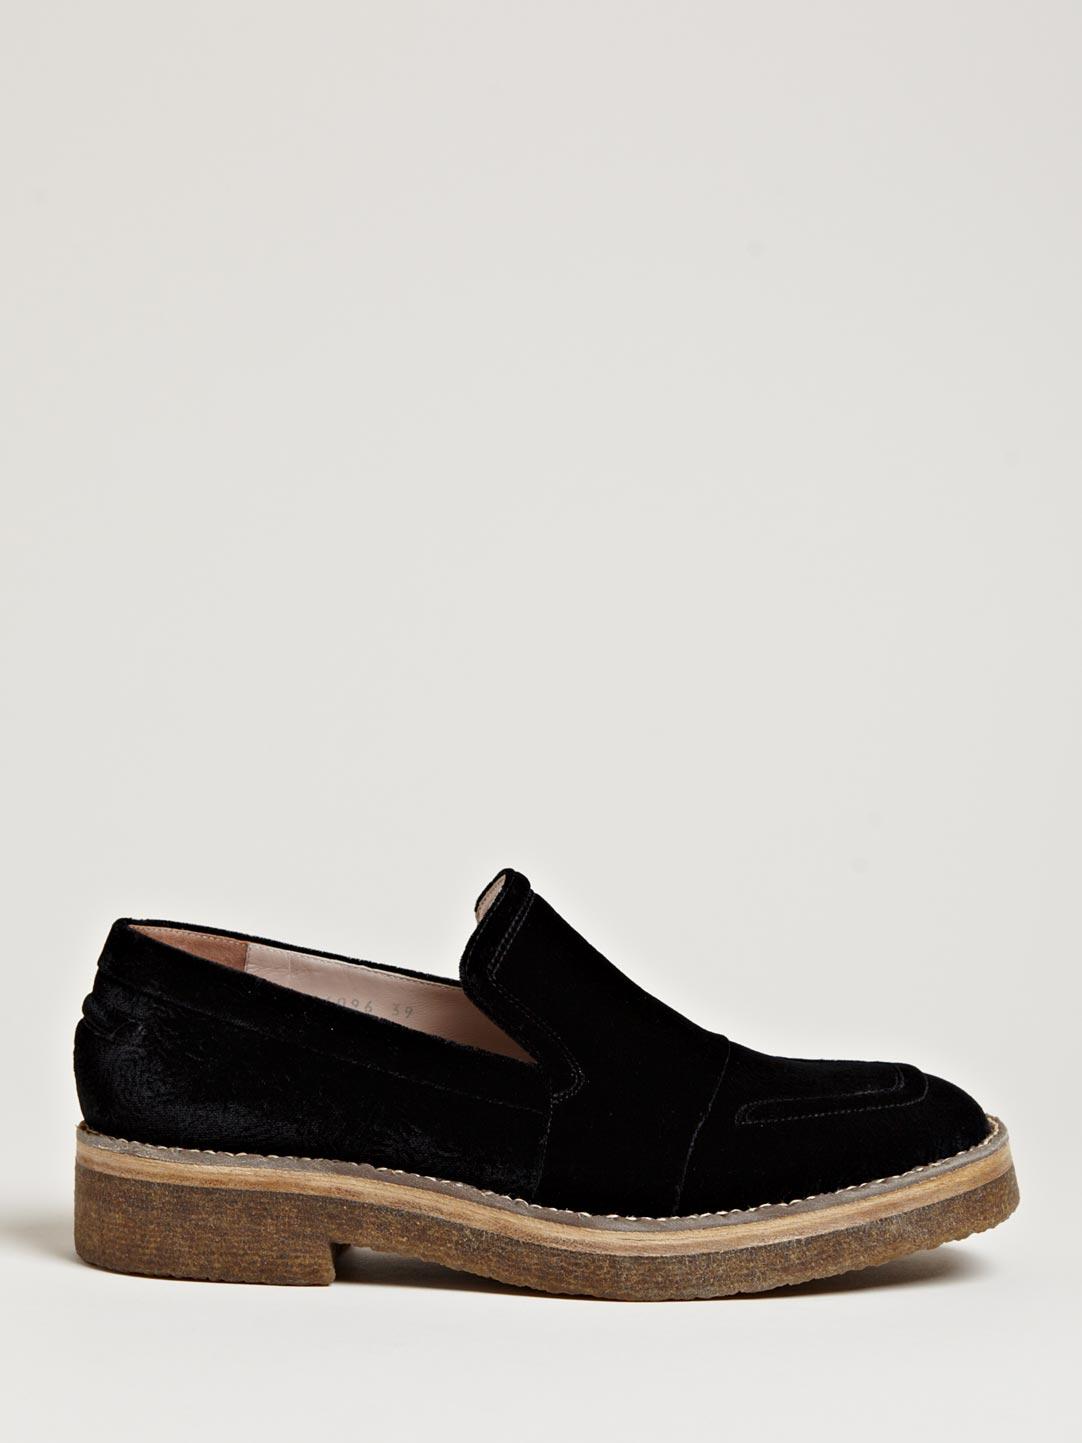 Black 20 Leather flatform loafers Dries Van Noten szxuC7bJ